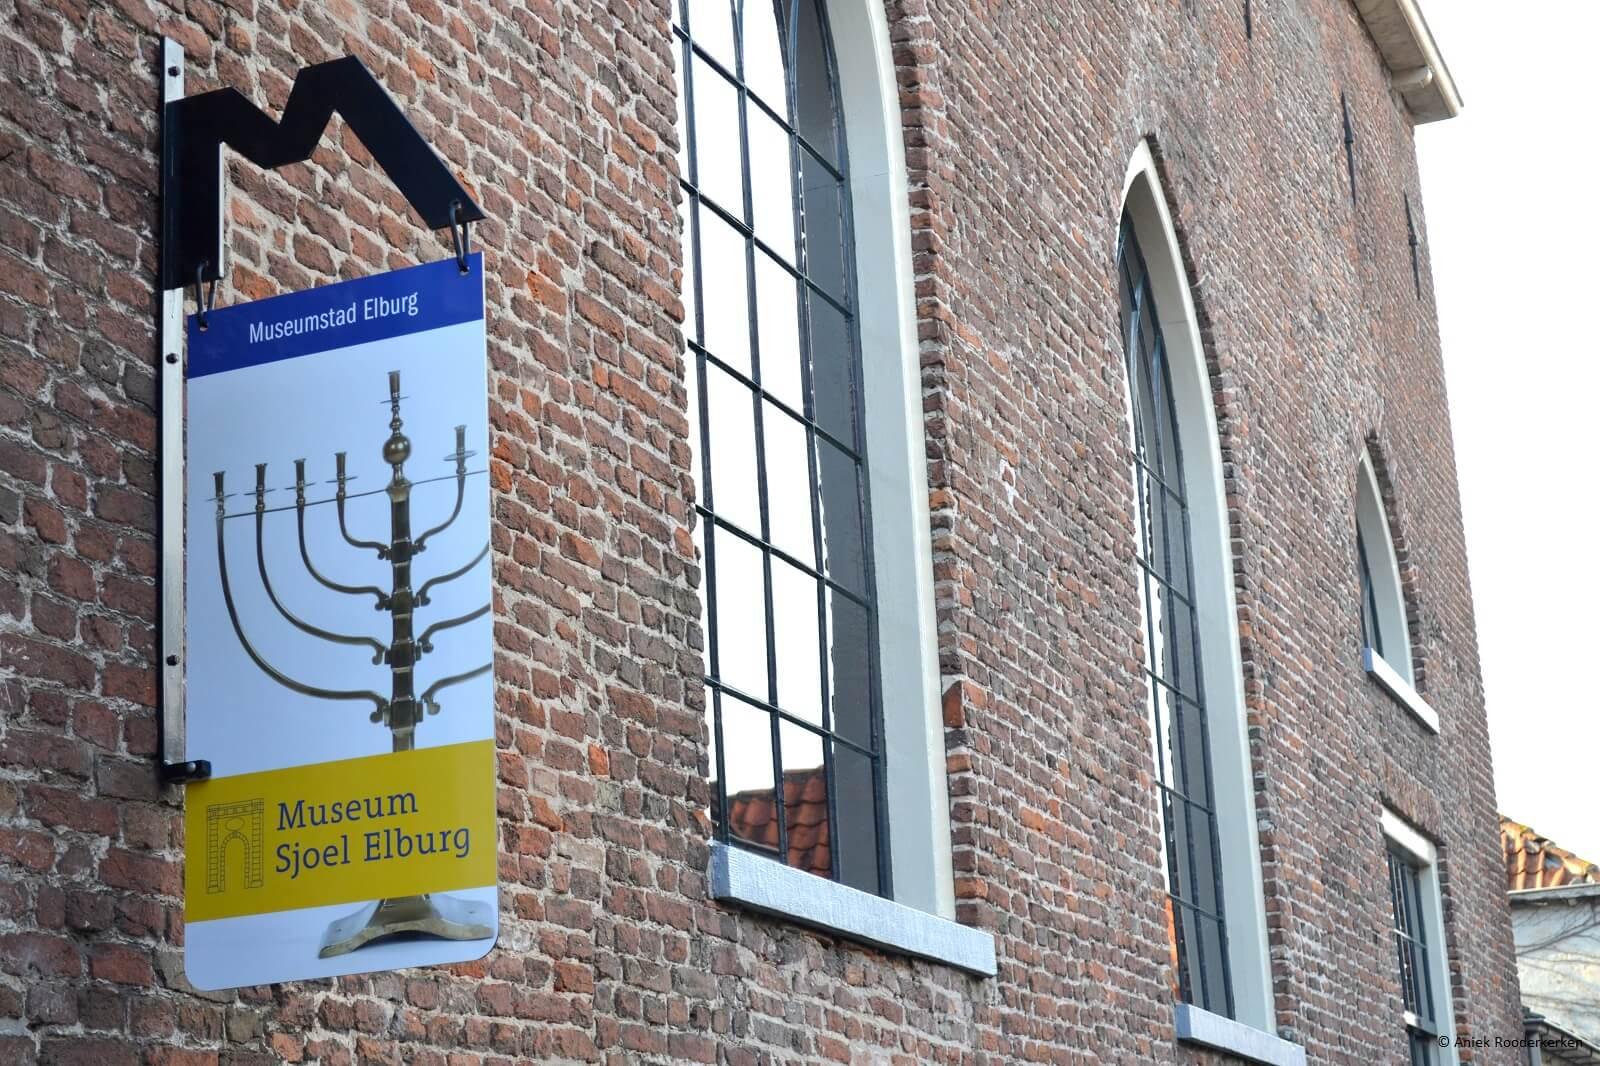 Joodse geschiedenis in Museum Sjoel Elburg